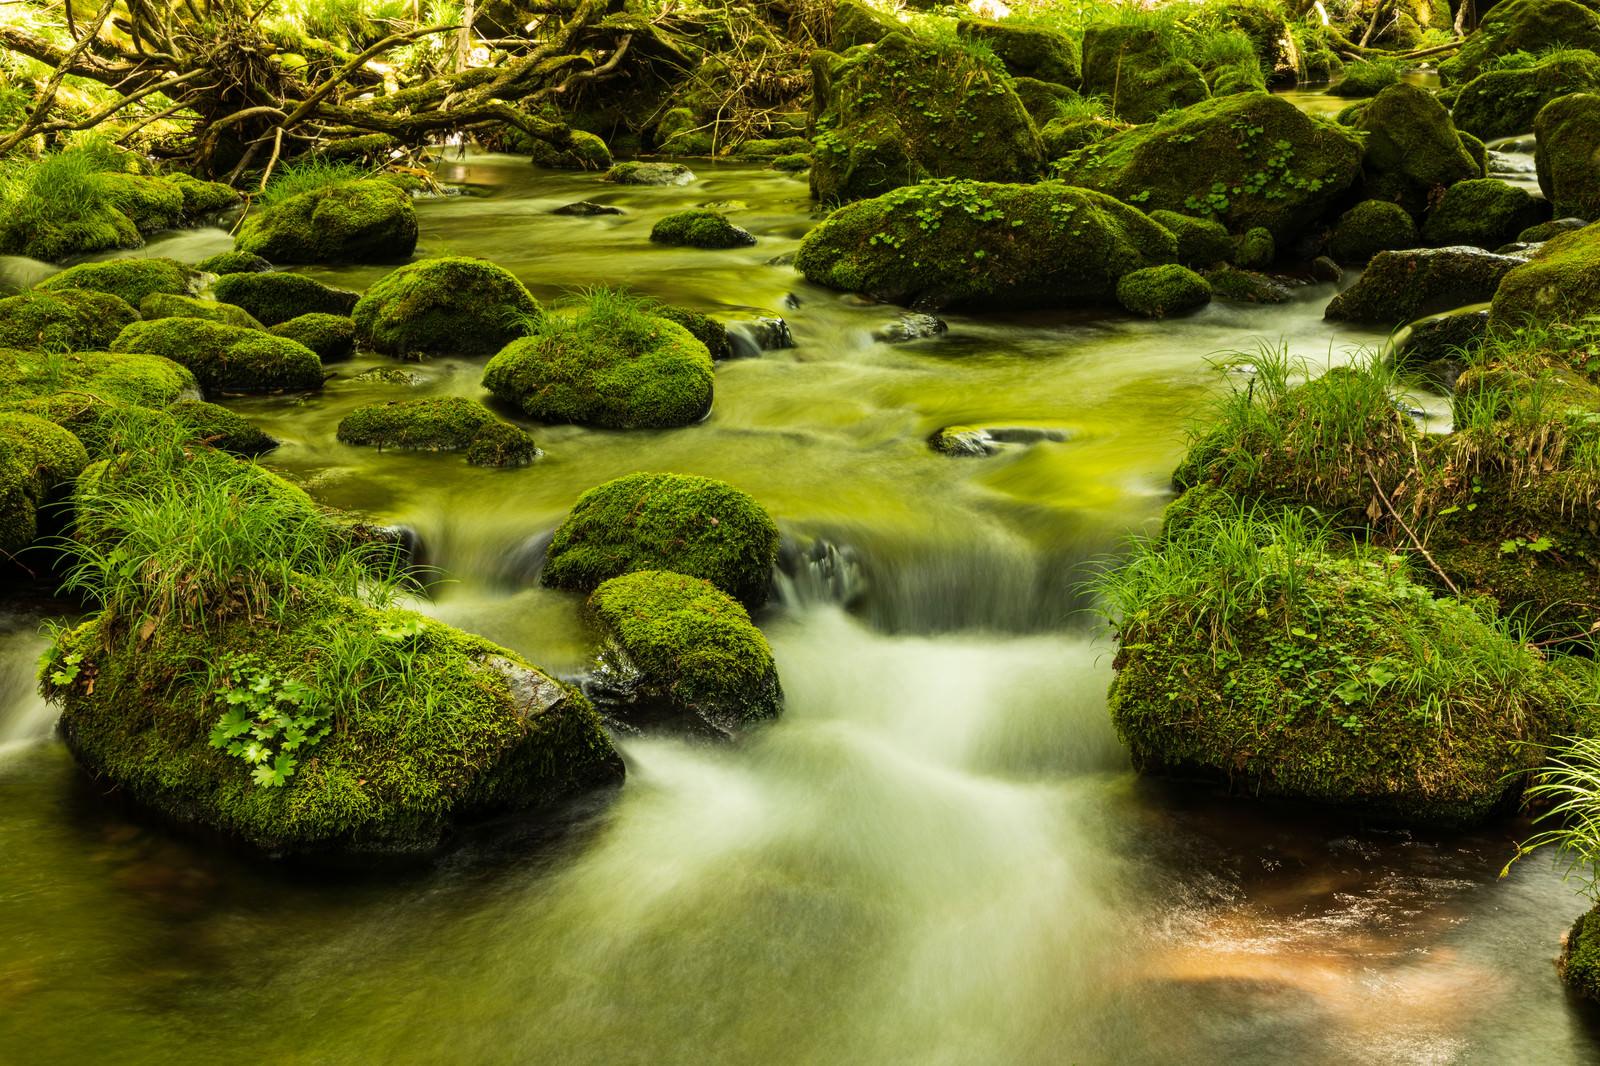 「苔石と水の流れ」の写真